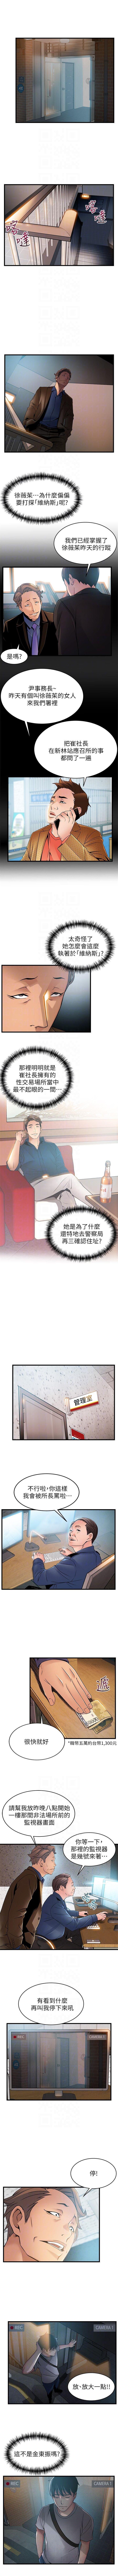 (周7)弱点 1-66 中文翻译(更新中) 249